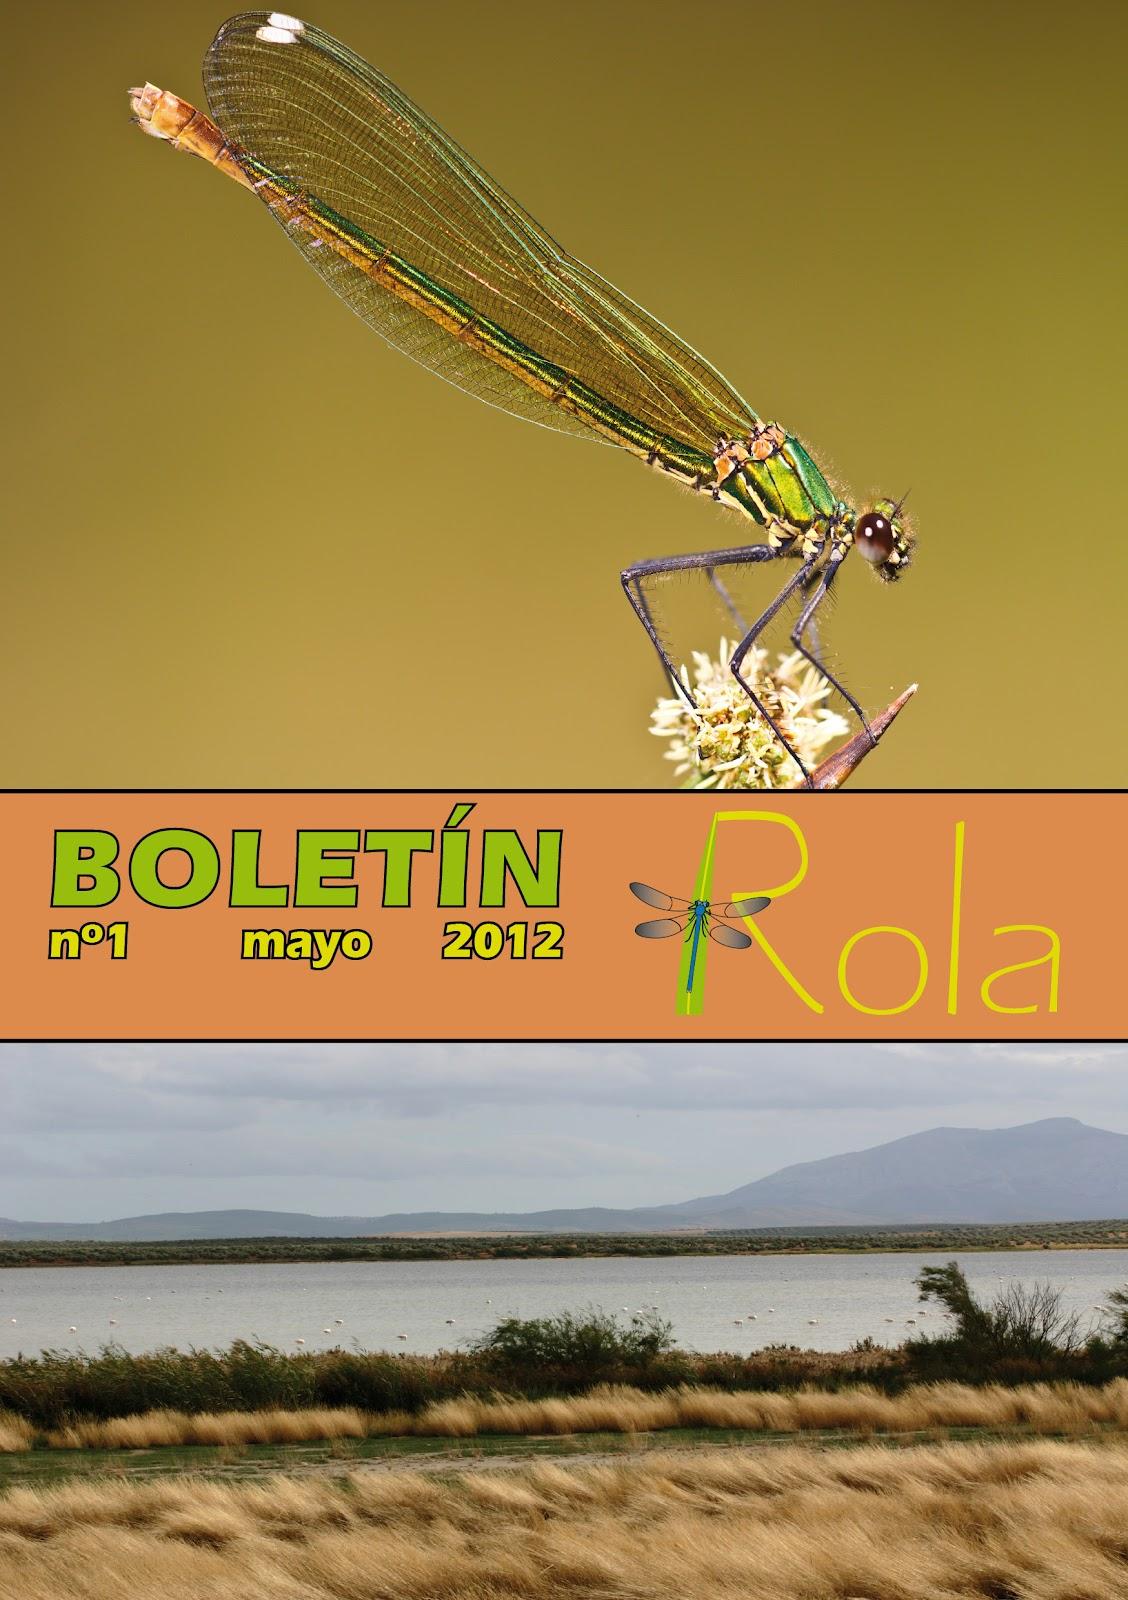 Boletín de la ROLA nº 1, mayo 2012